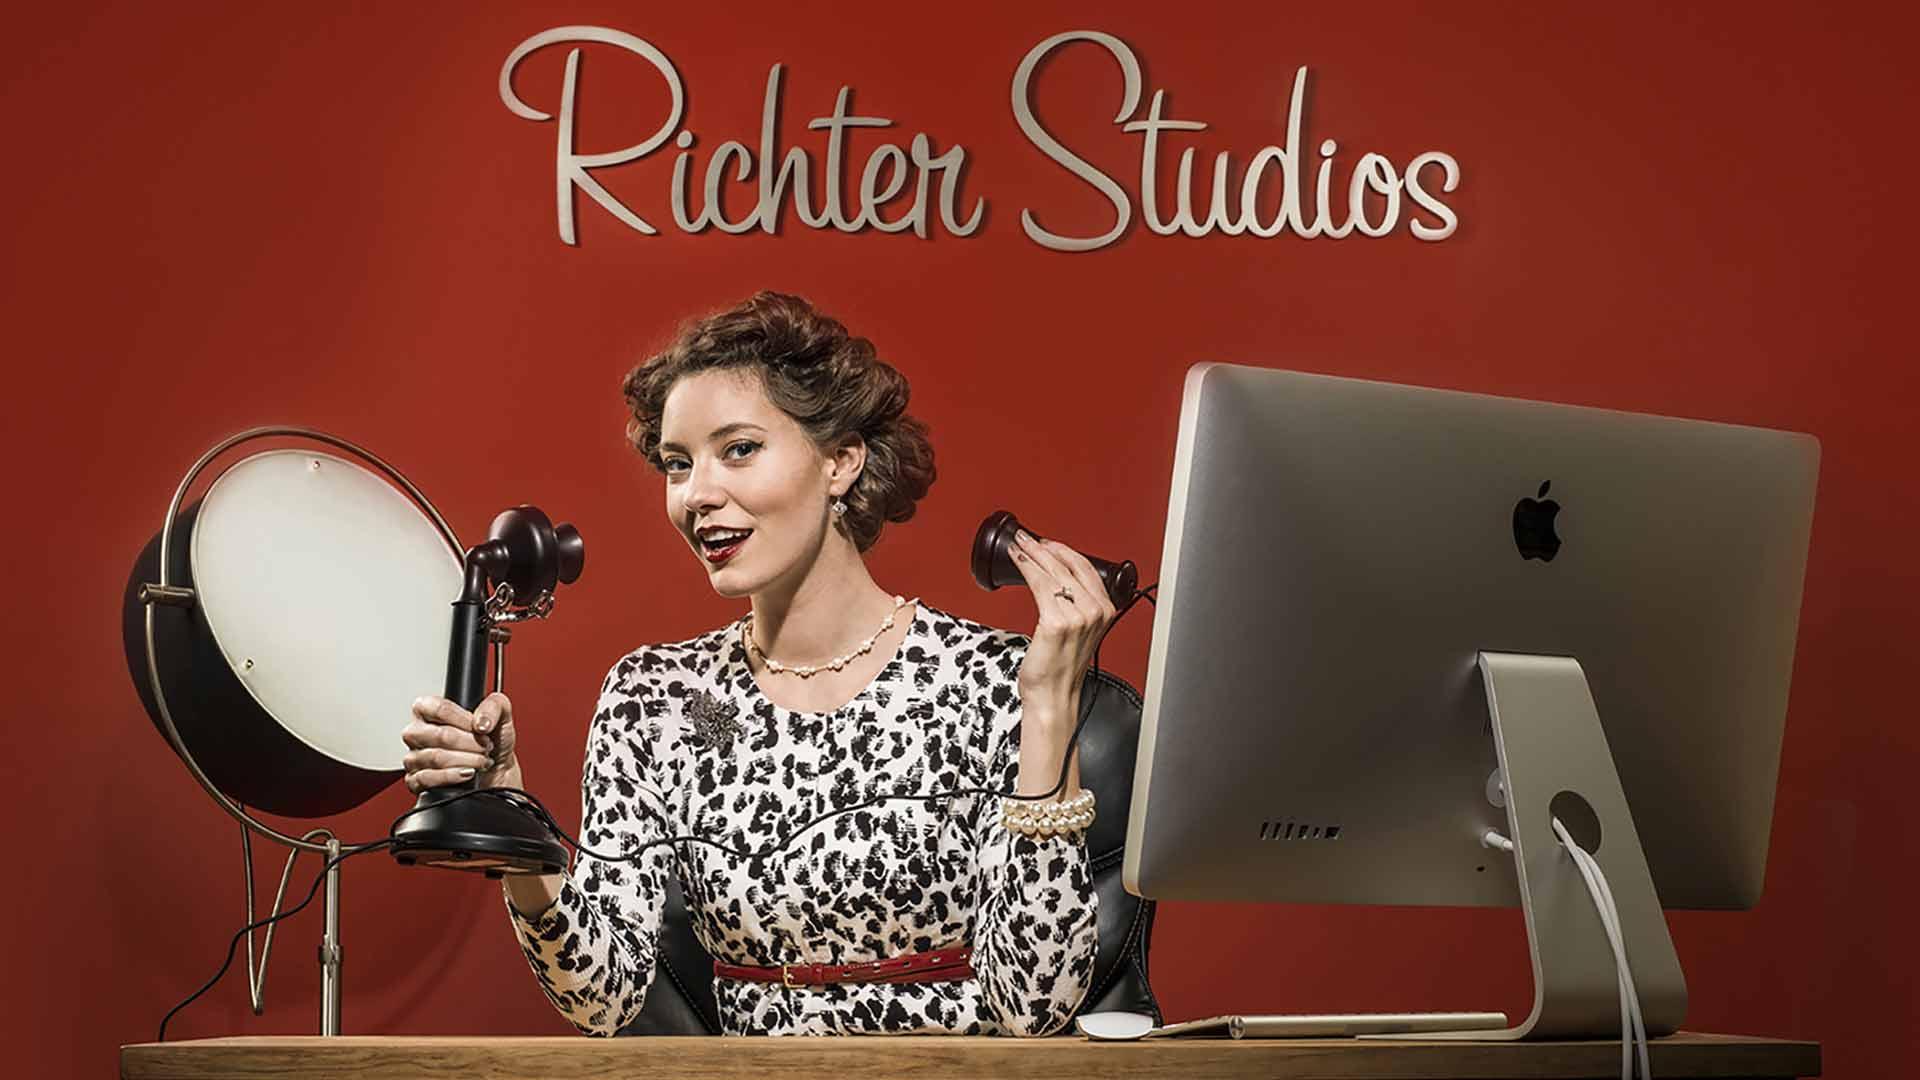 Richter Studio commercial photo